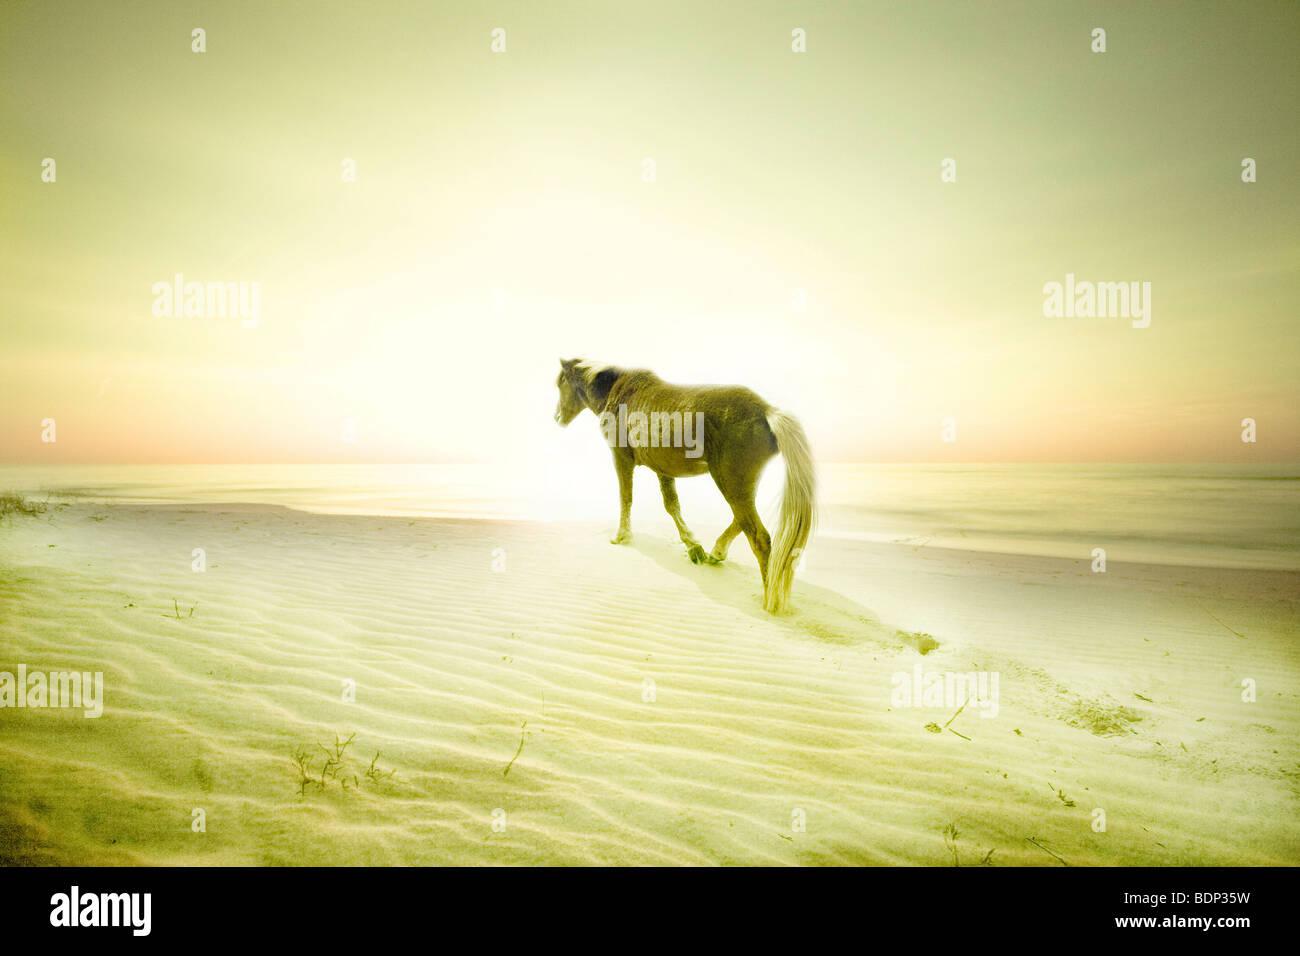 Un pony en una playa de arena Foto de stock